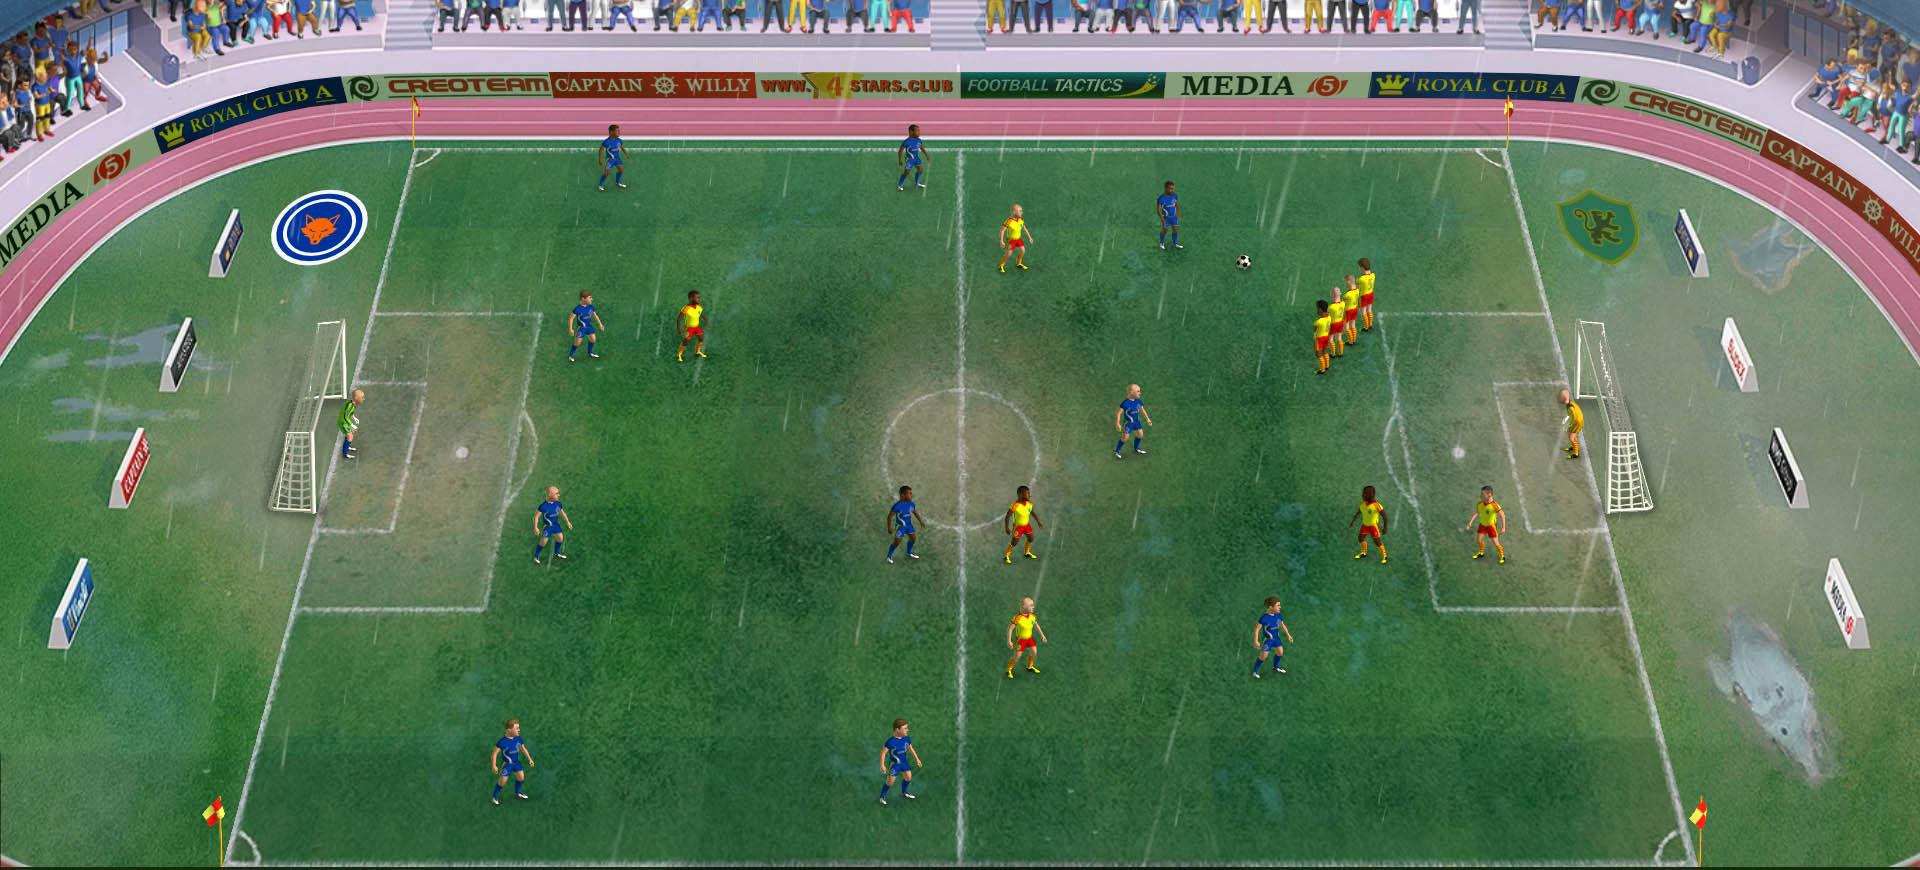 Football, Tactics & Glory, game bóng đá thể loại chiến thuật theo lượt sẽ ra mắt vào đầu tháng 6 này trên PC – Tin Game